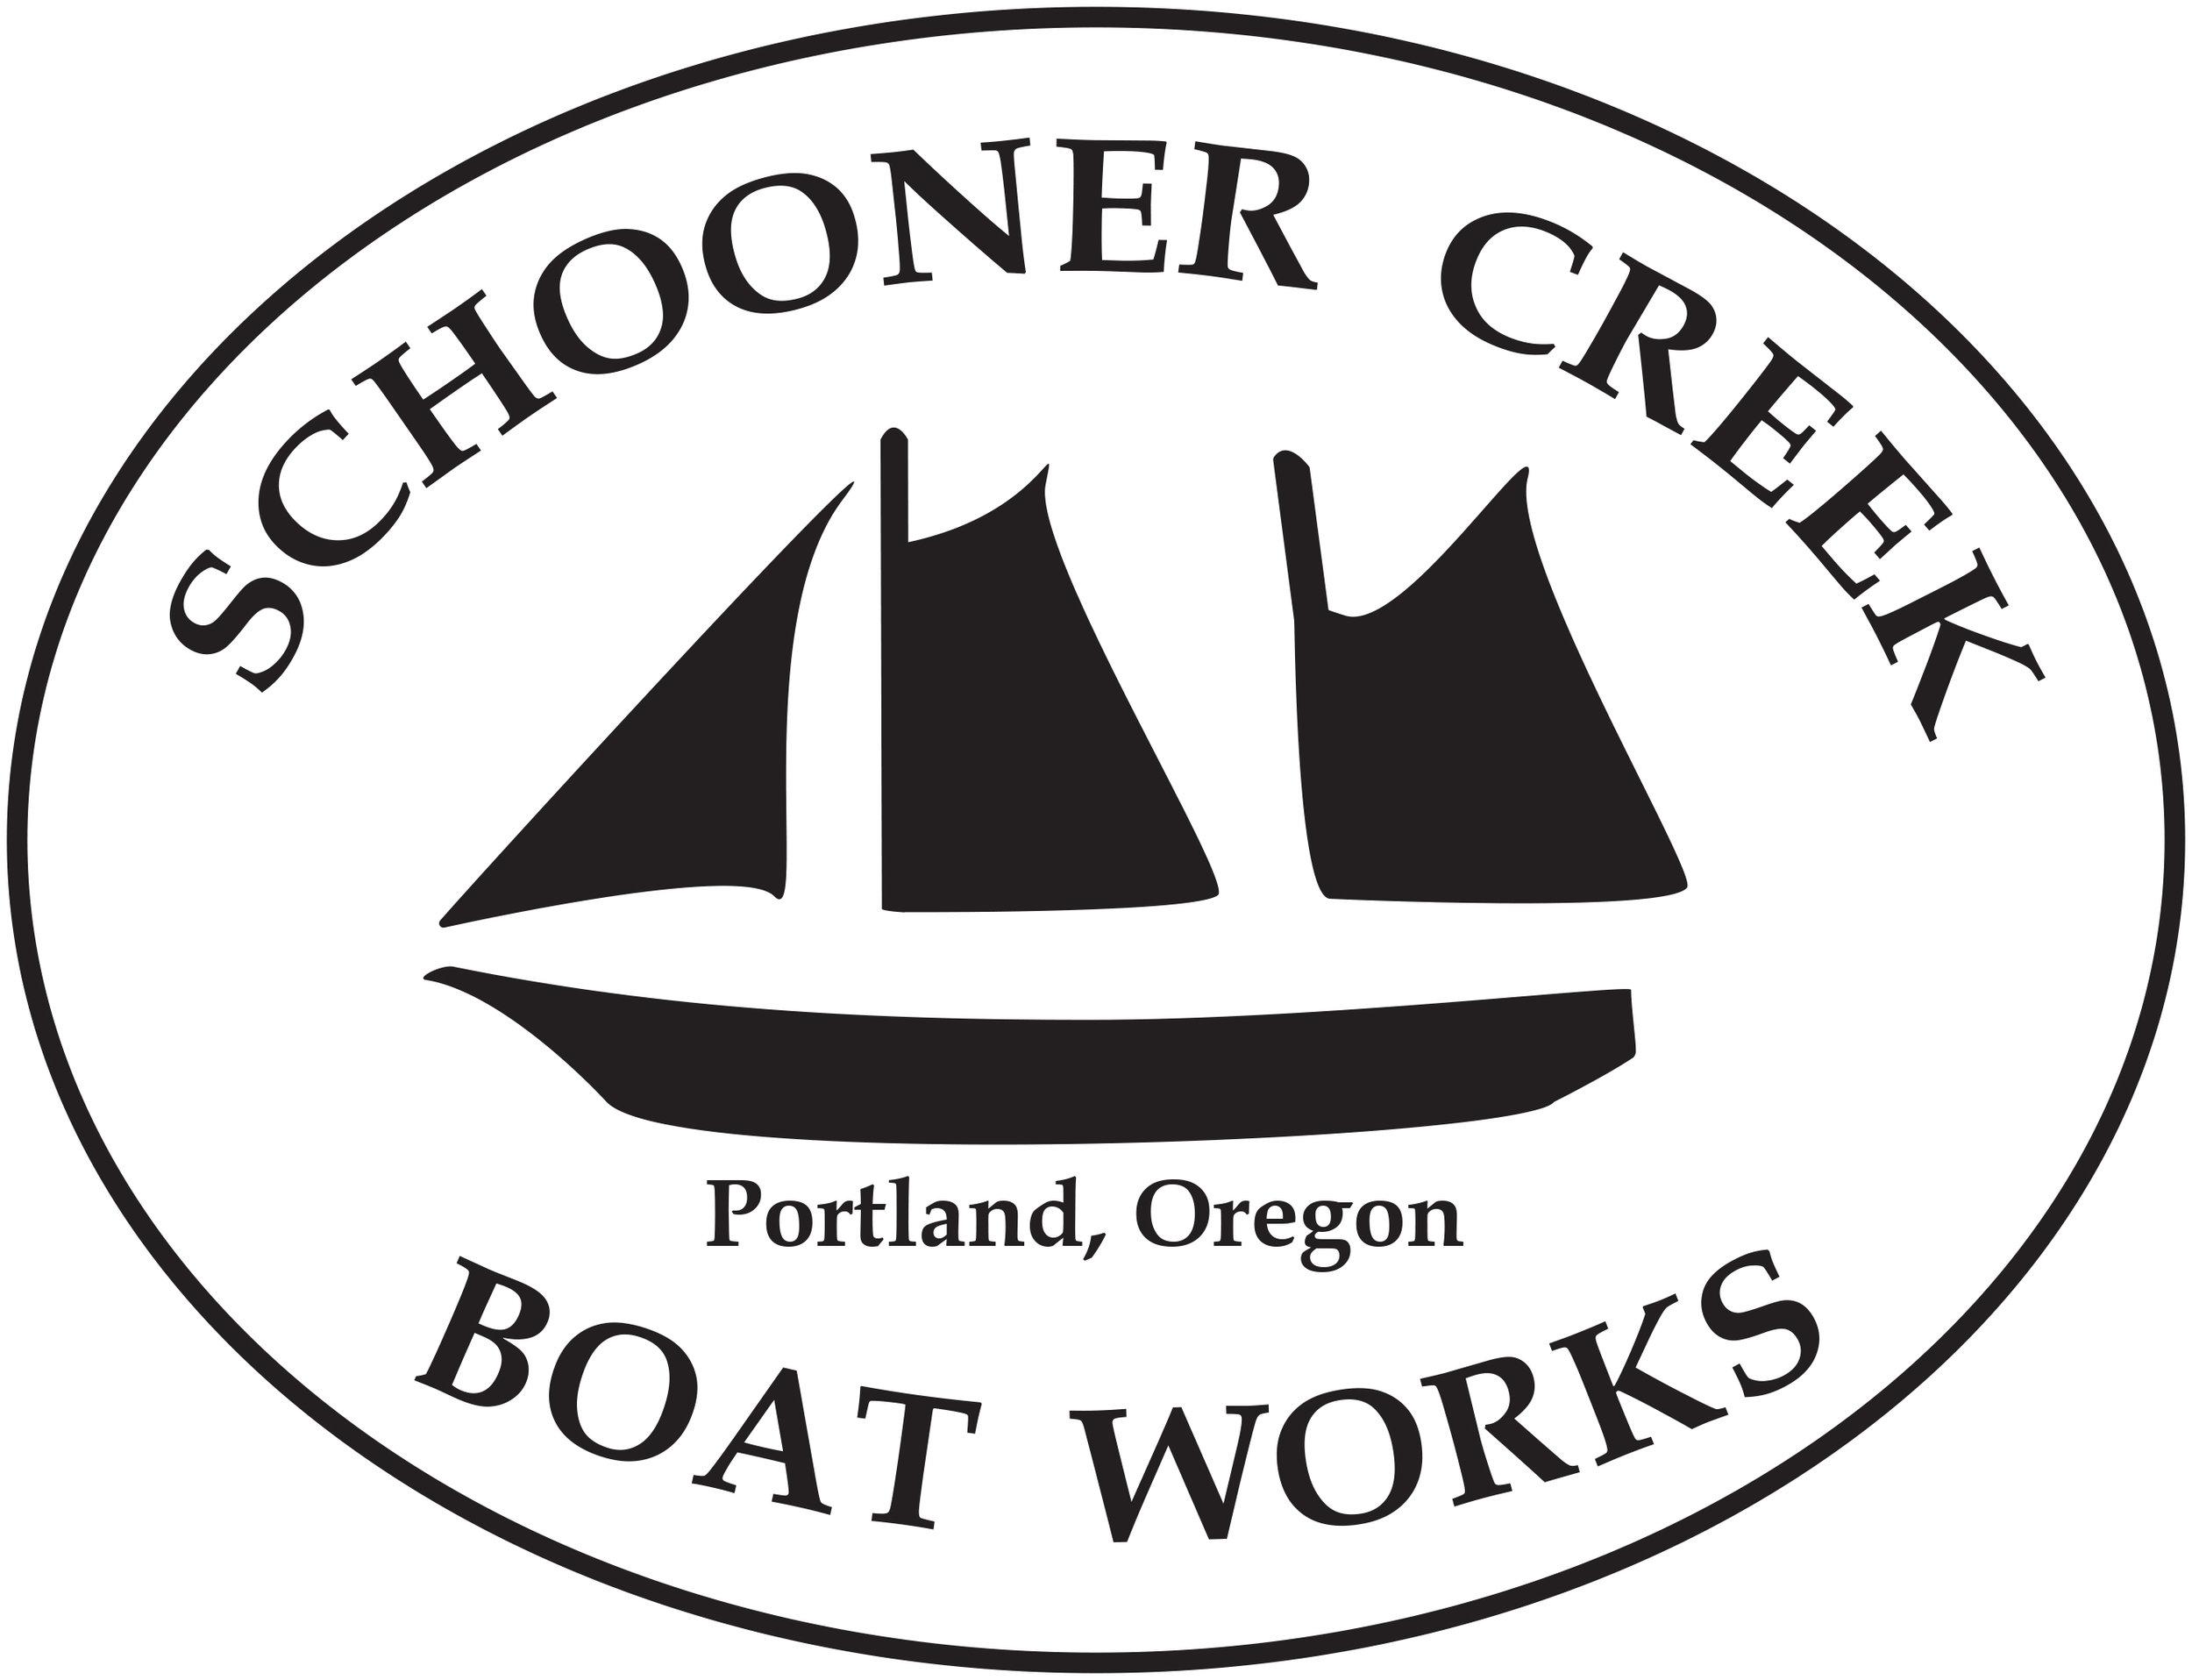 Schooner Creek